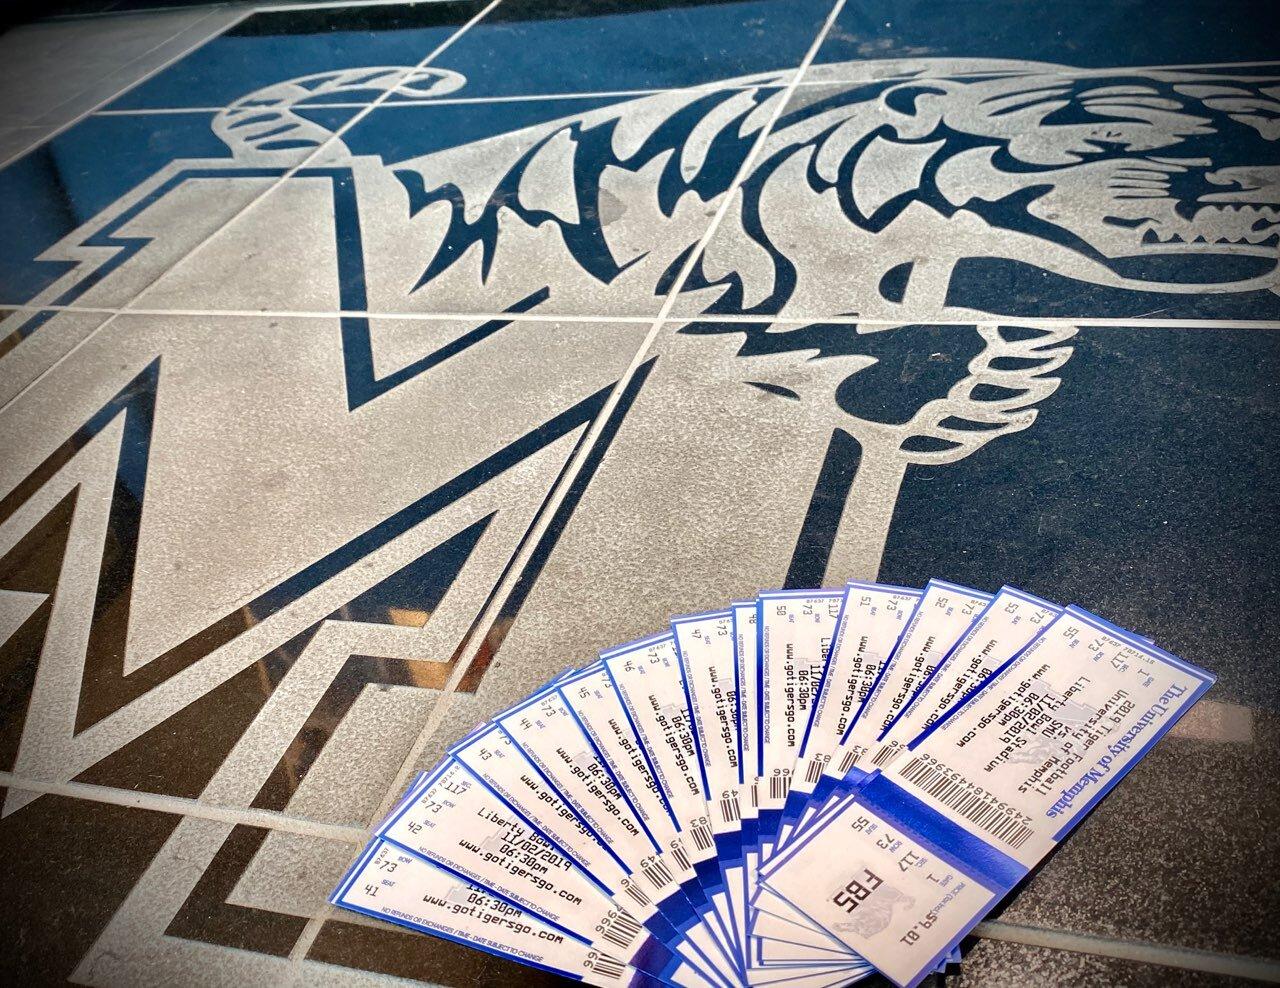 U of M Tigers ESPN Gameday Tickets.jpeg